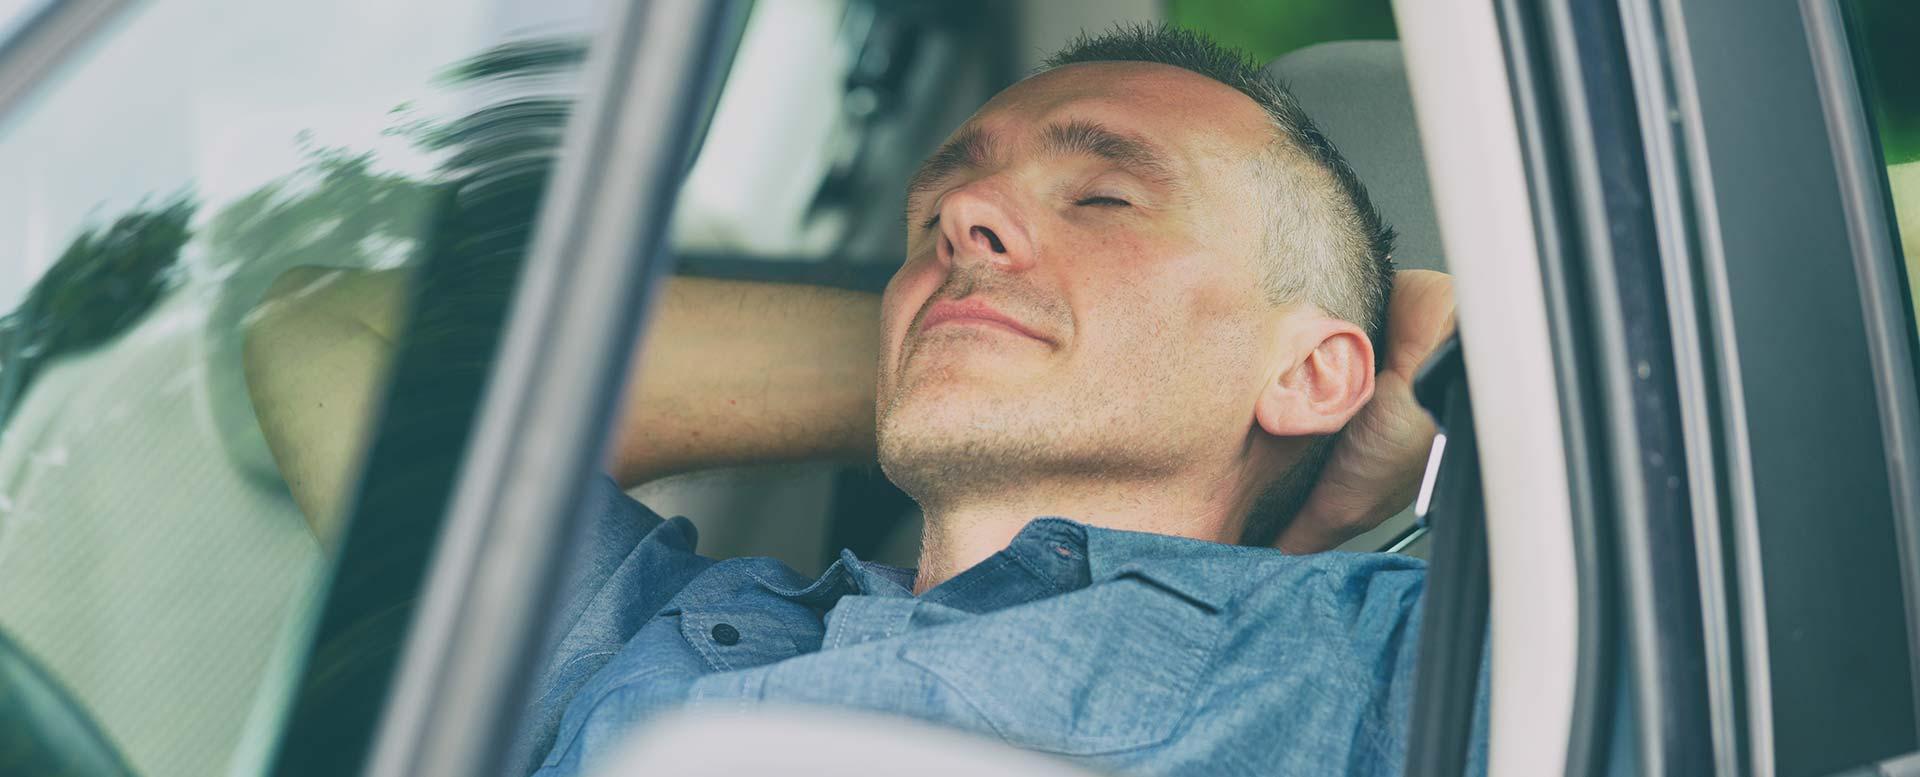 Sekundenschlaf - Ursachen und Warnsignale